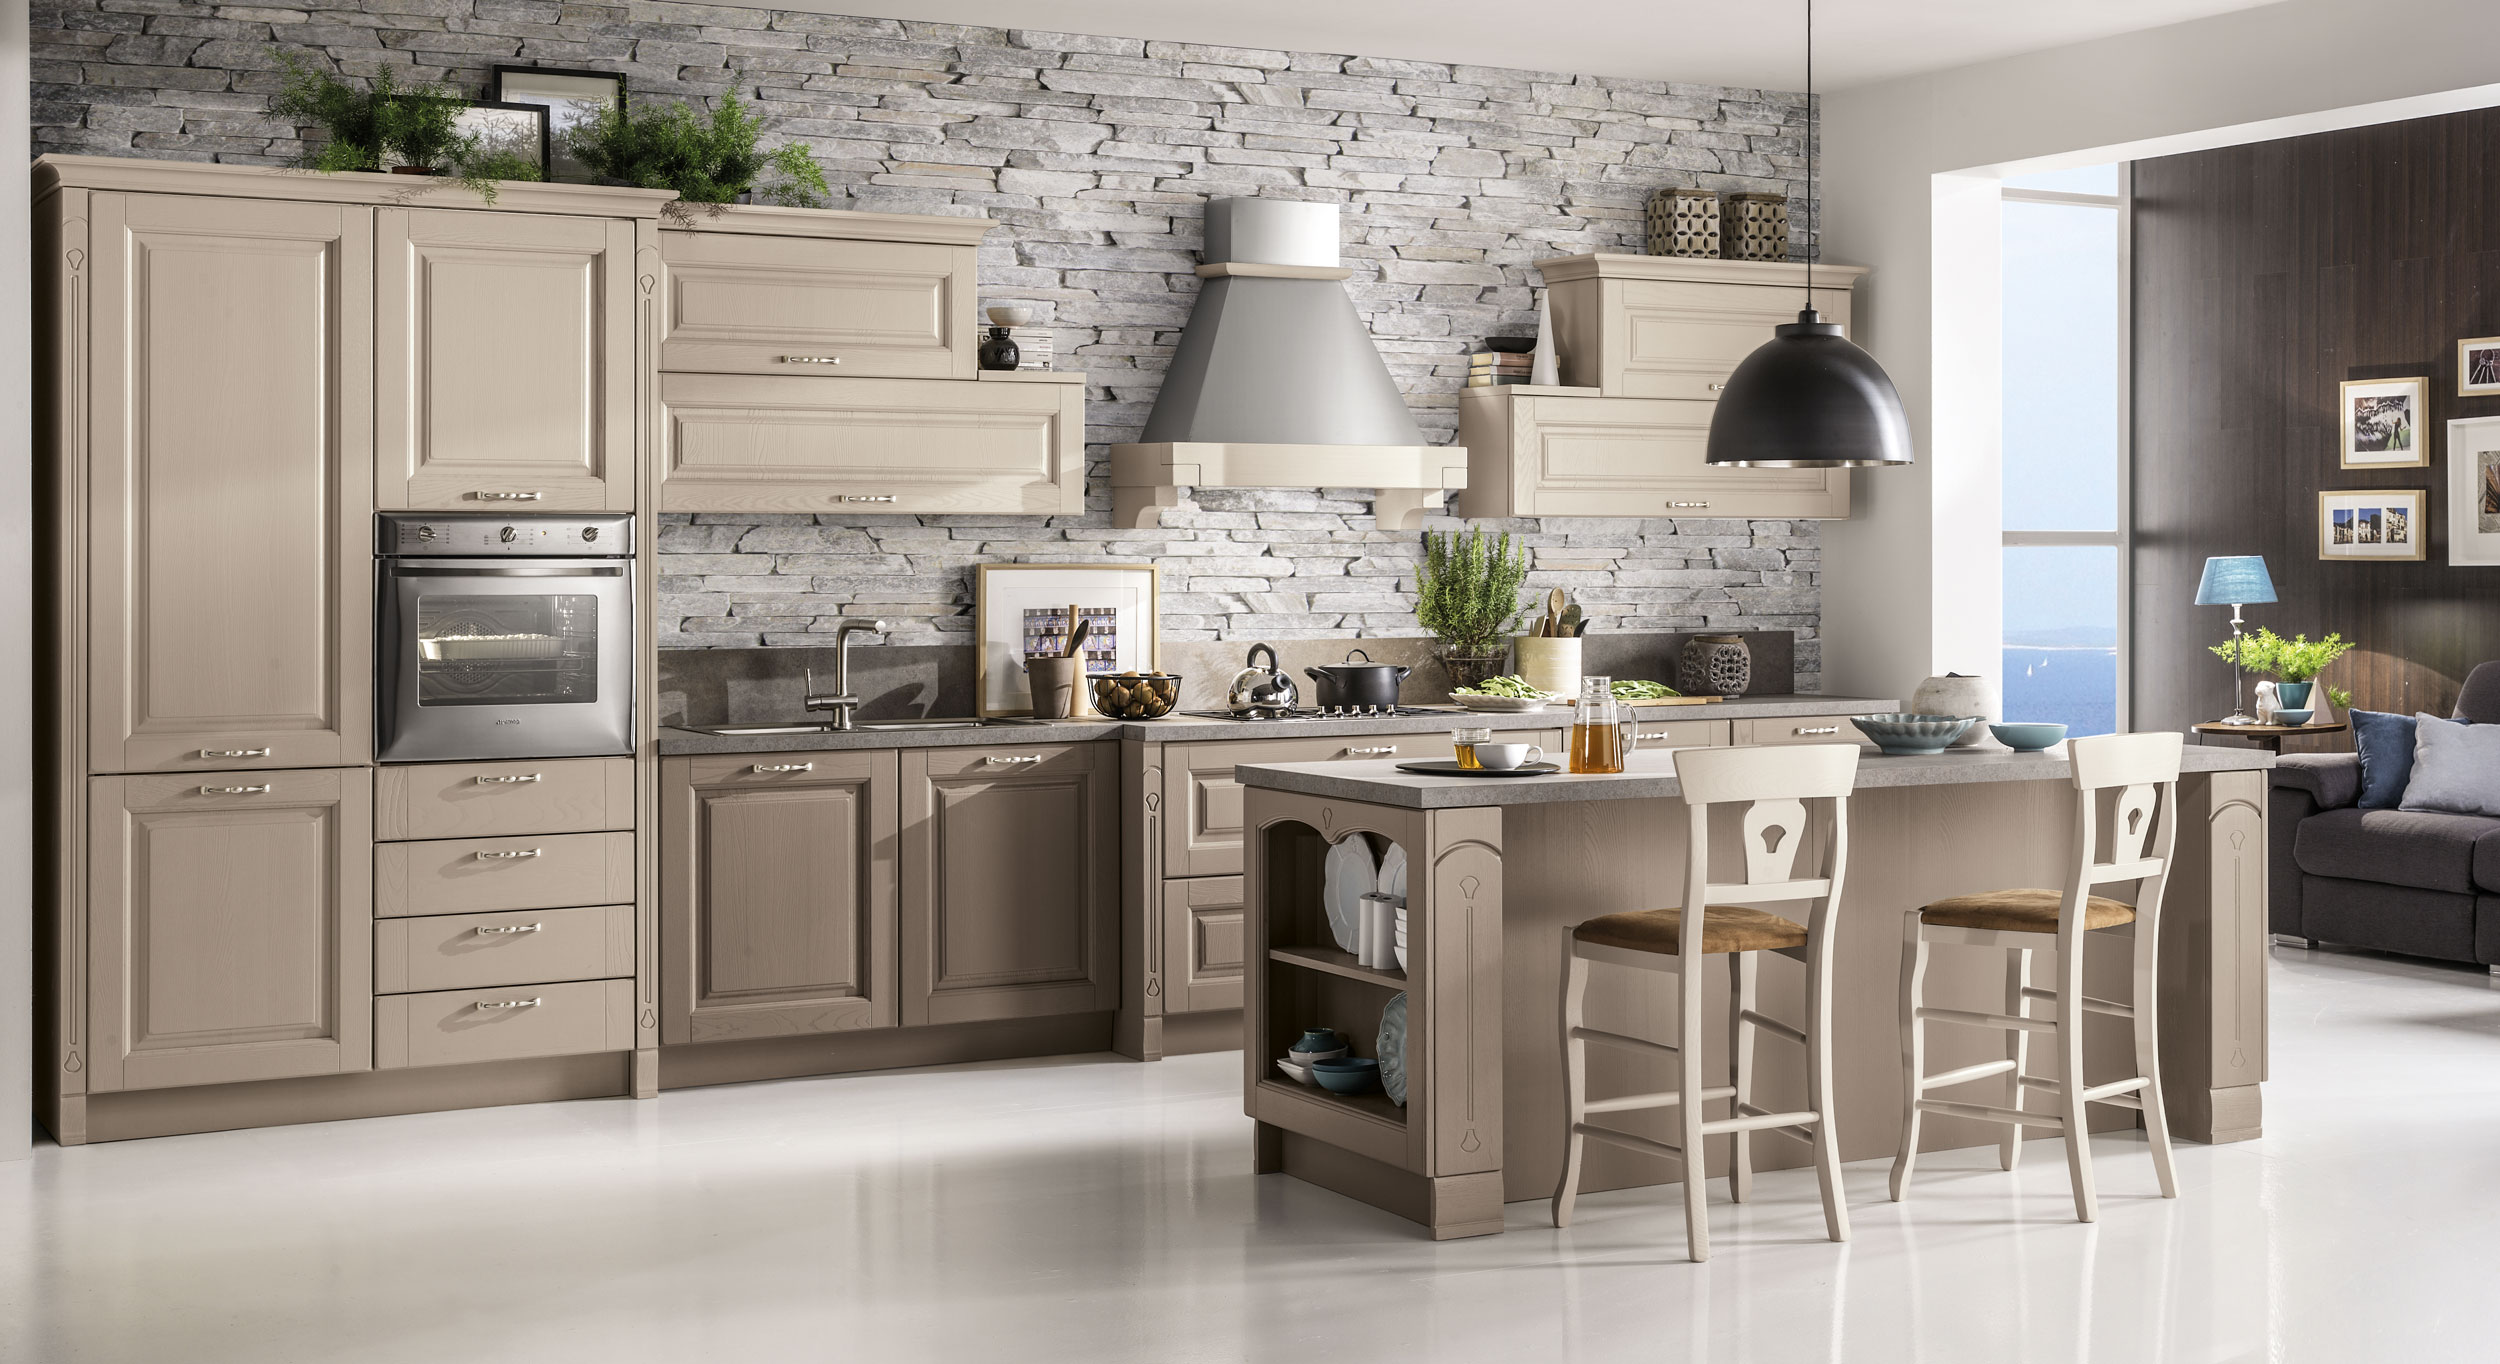 Mercatone uno cucine mercatone uno catalogo mobili - Cucine mercatone uno catalogo ...